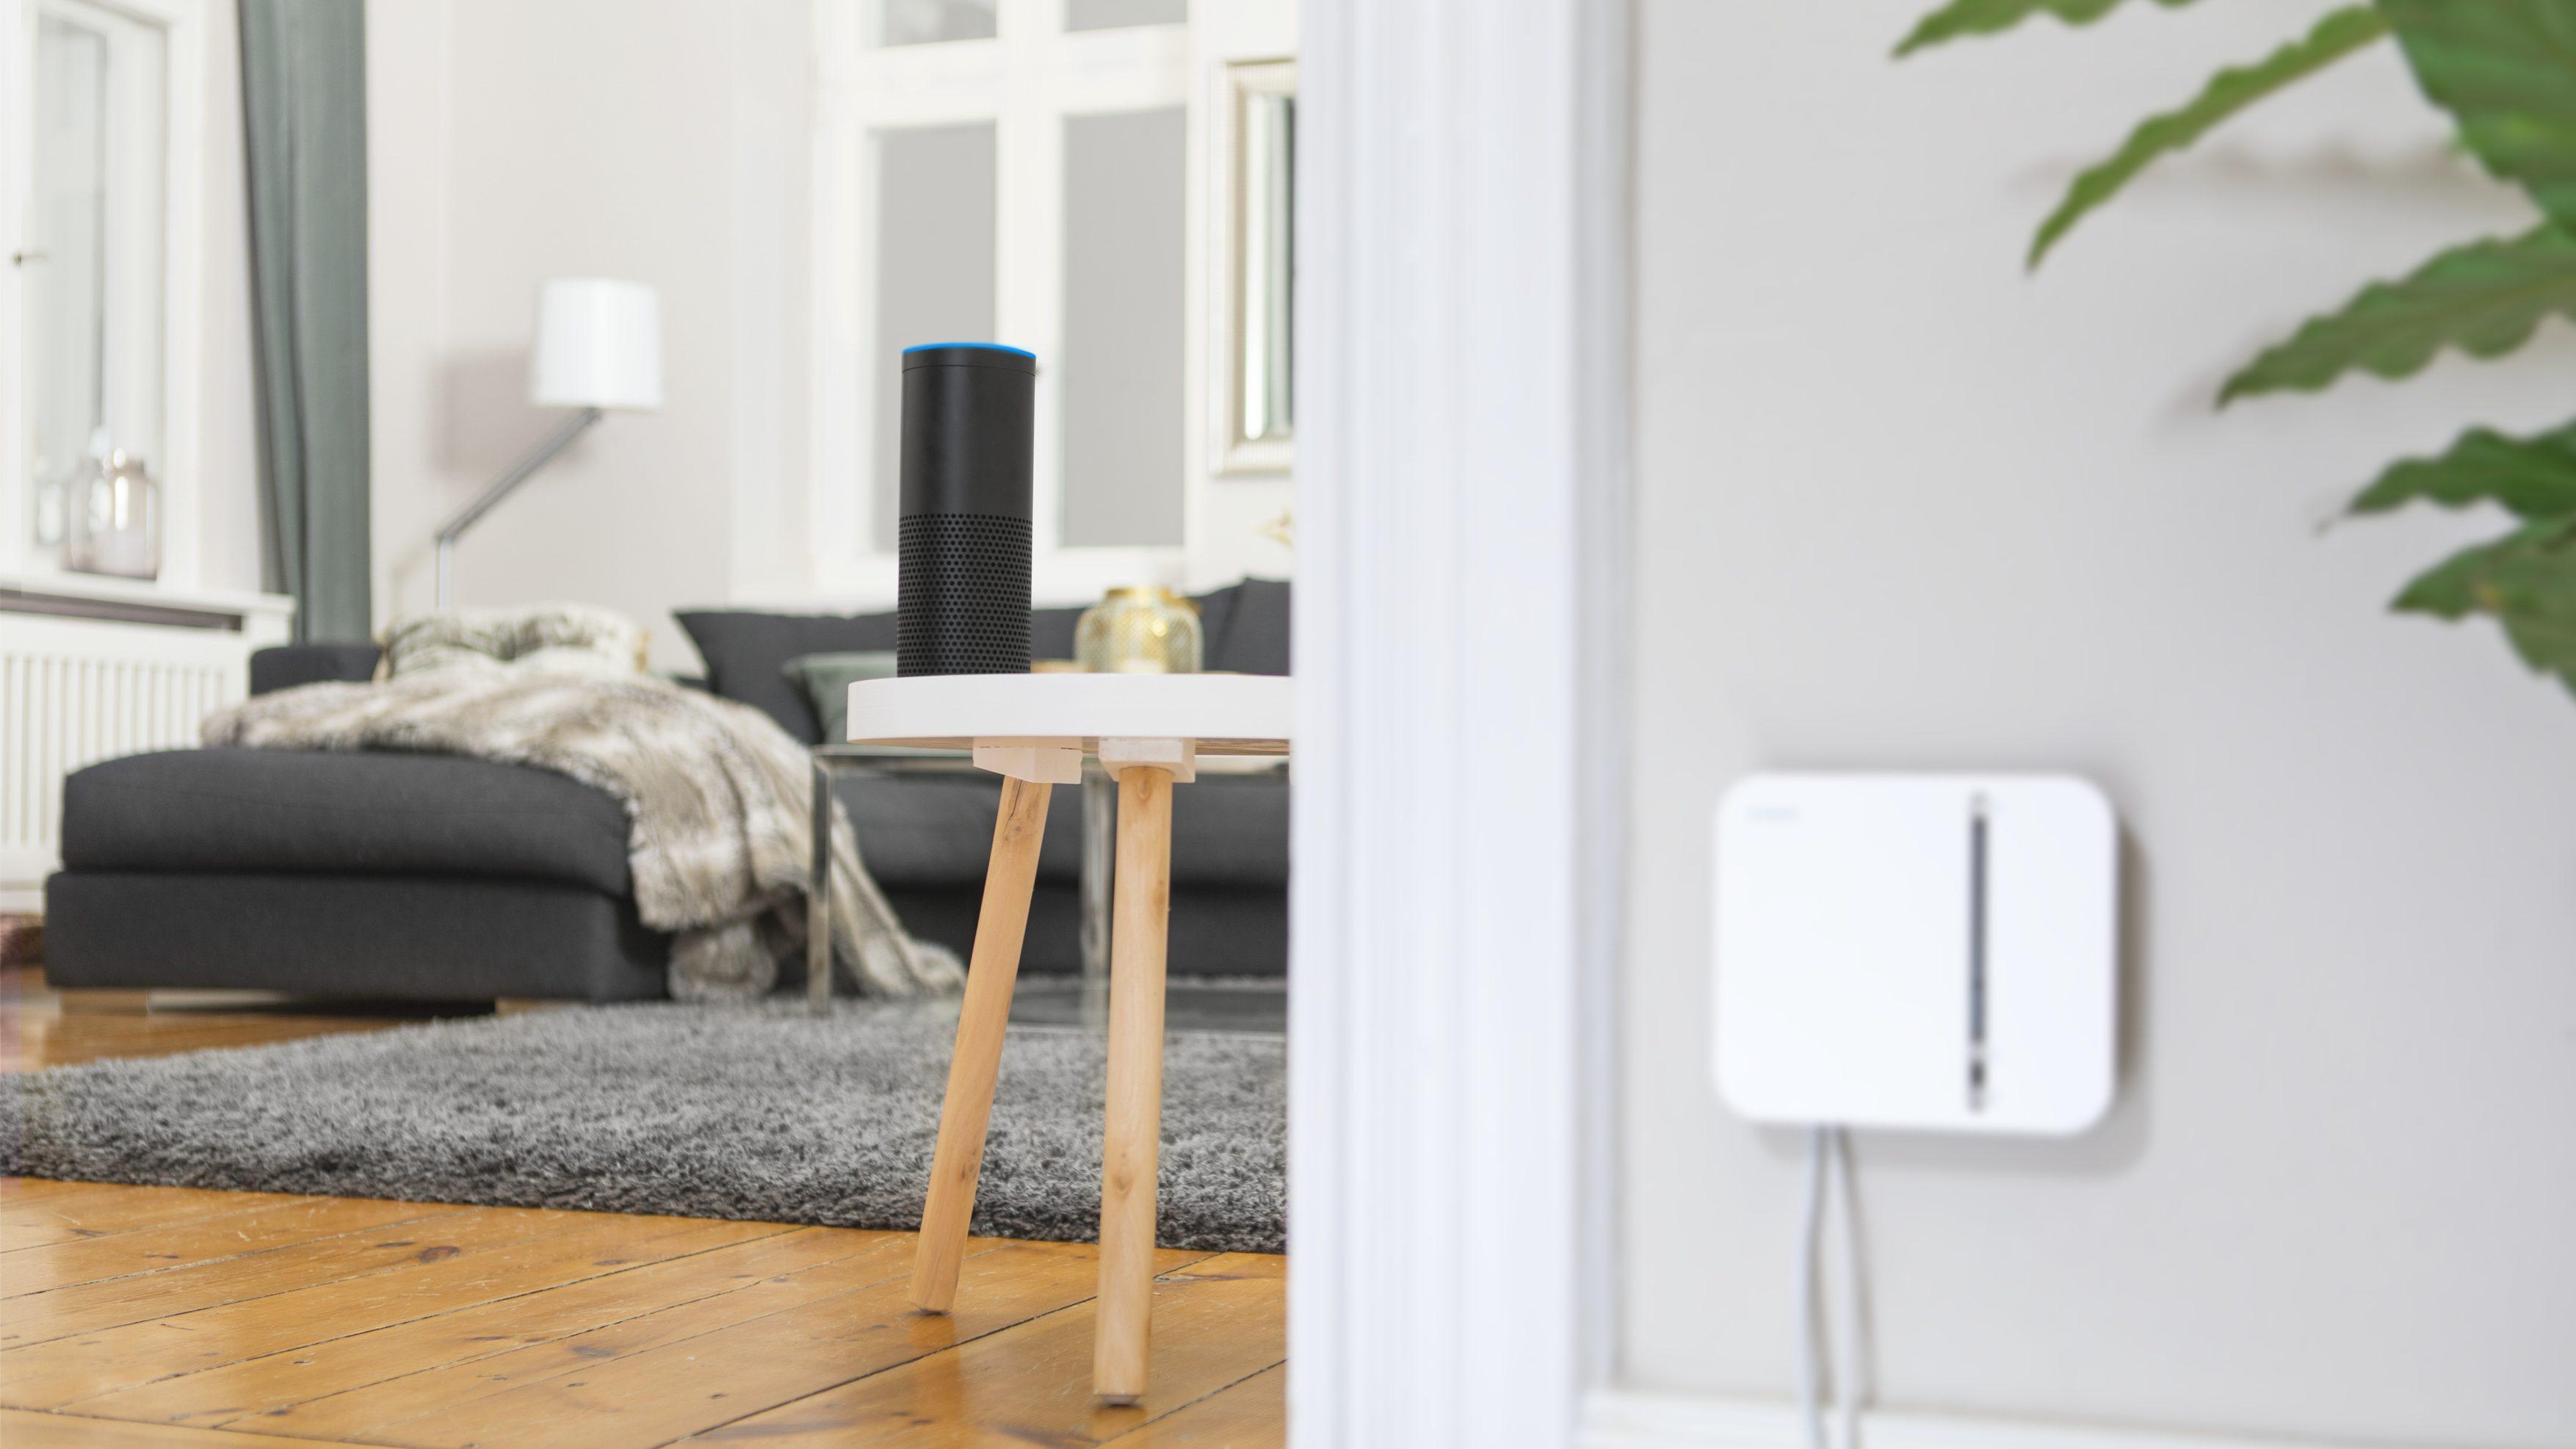 Bosch Smart Home Bequeme Steuerung Per Sprache Oder Twist Ce Electro